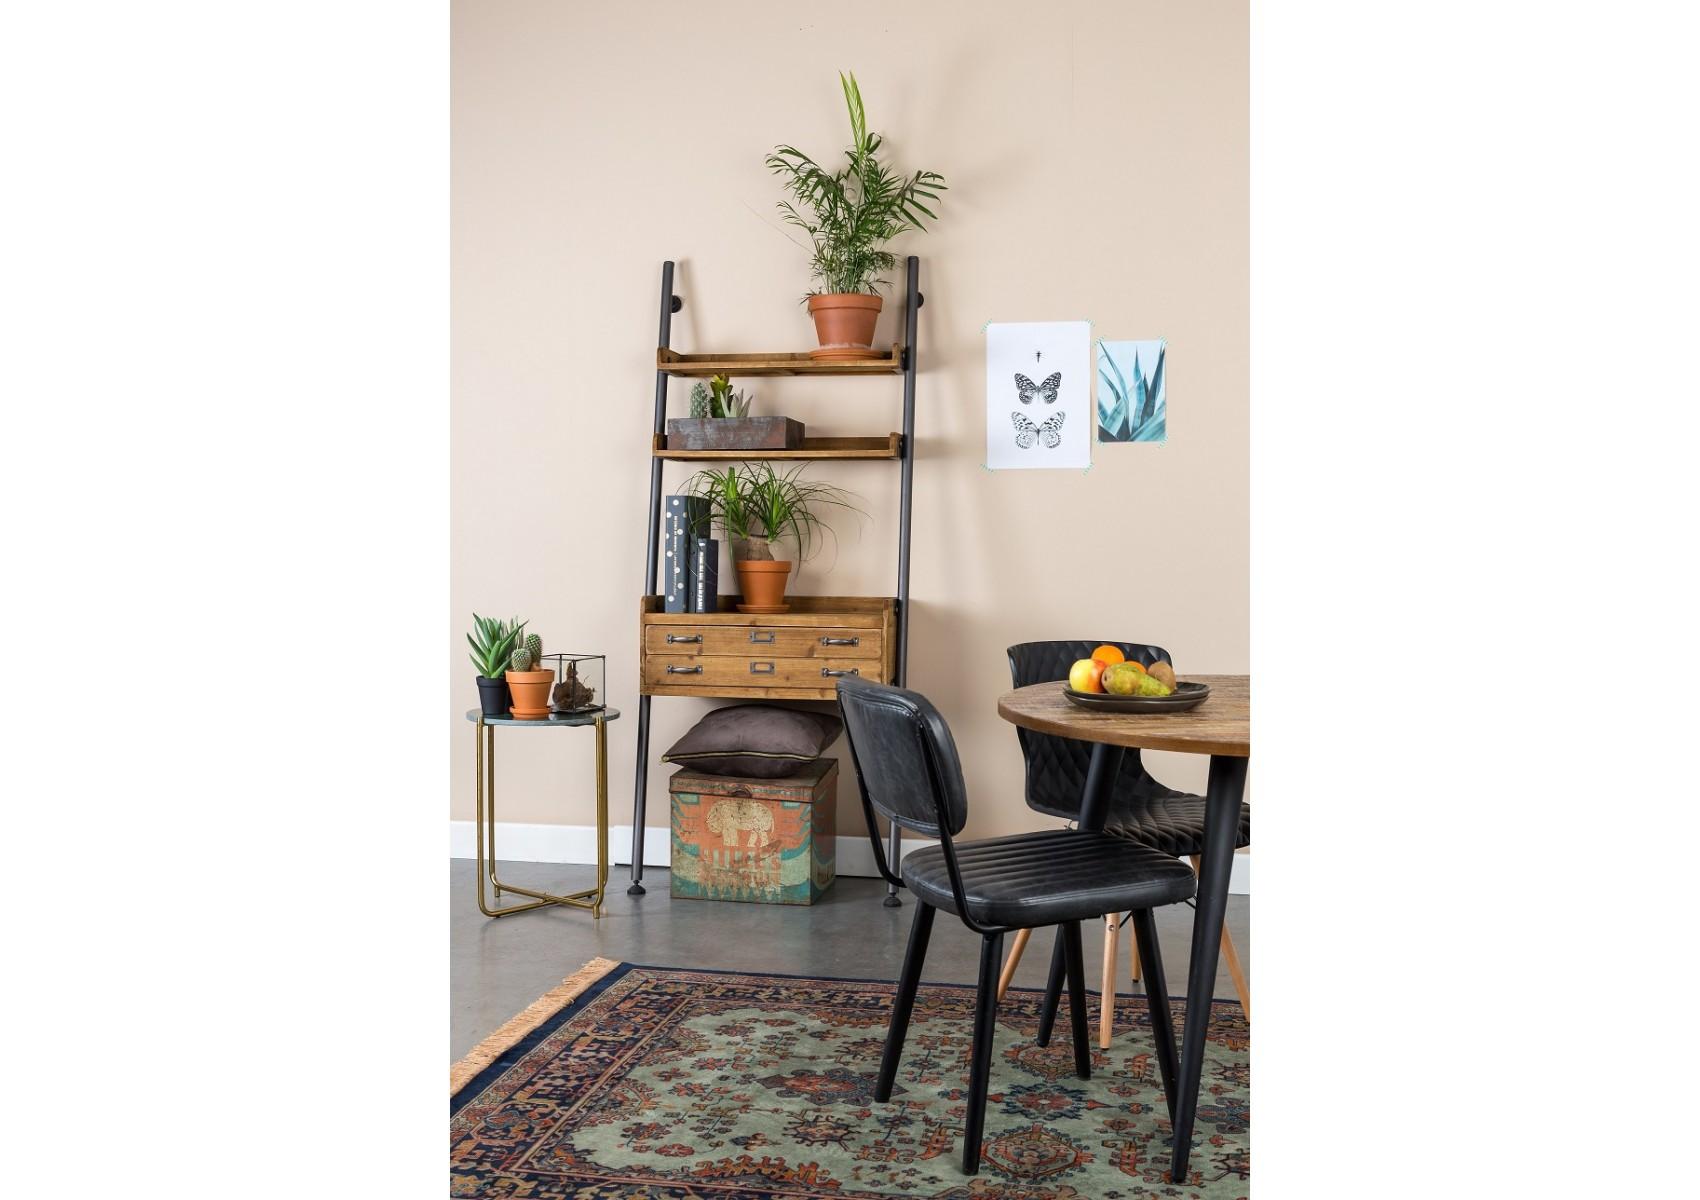 etag re design de la collection shelf rook de chez boite design. Black Bedroom Furniture Sets. Home Design Ideas